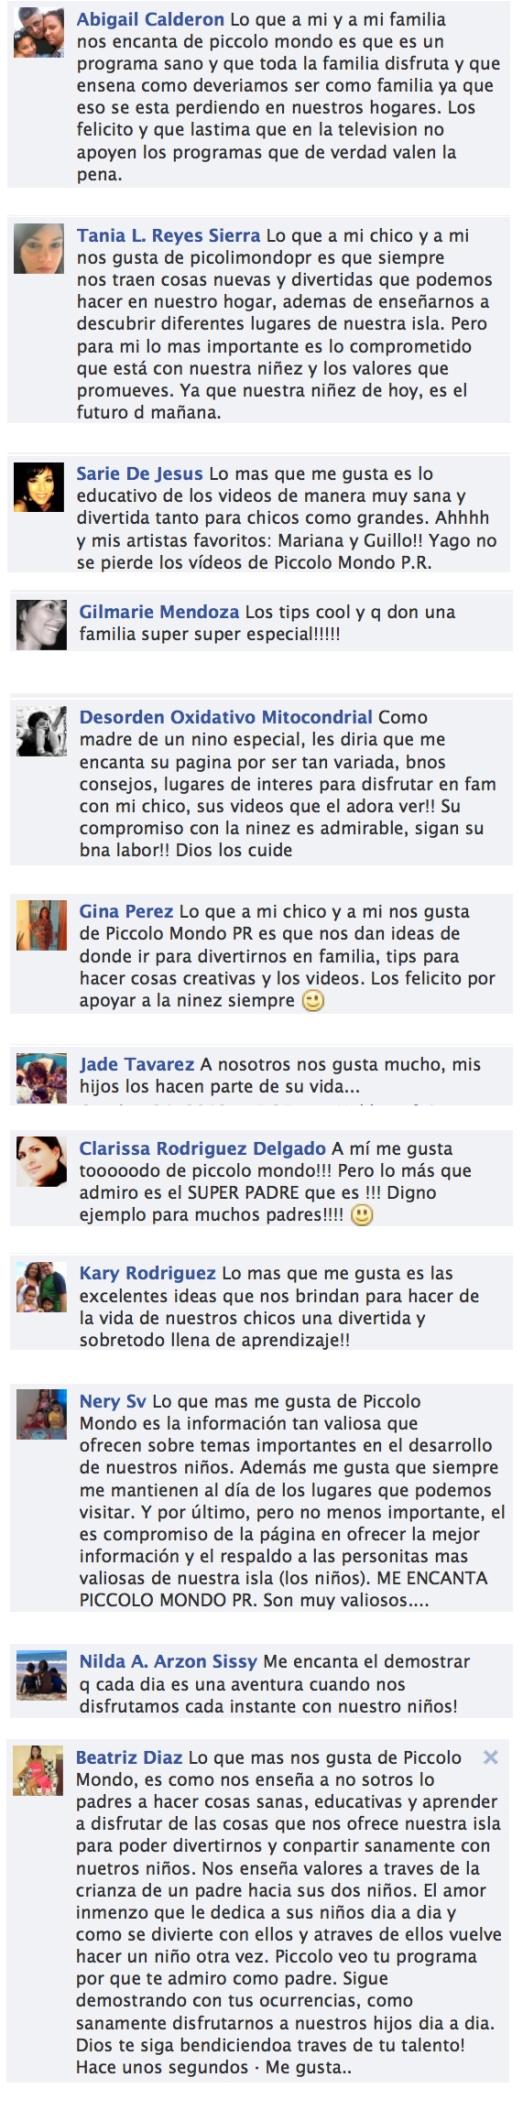 FB PMPR coment